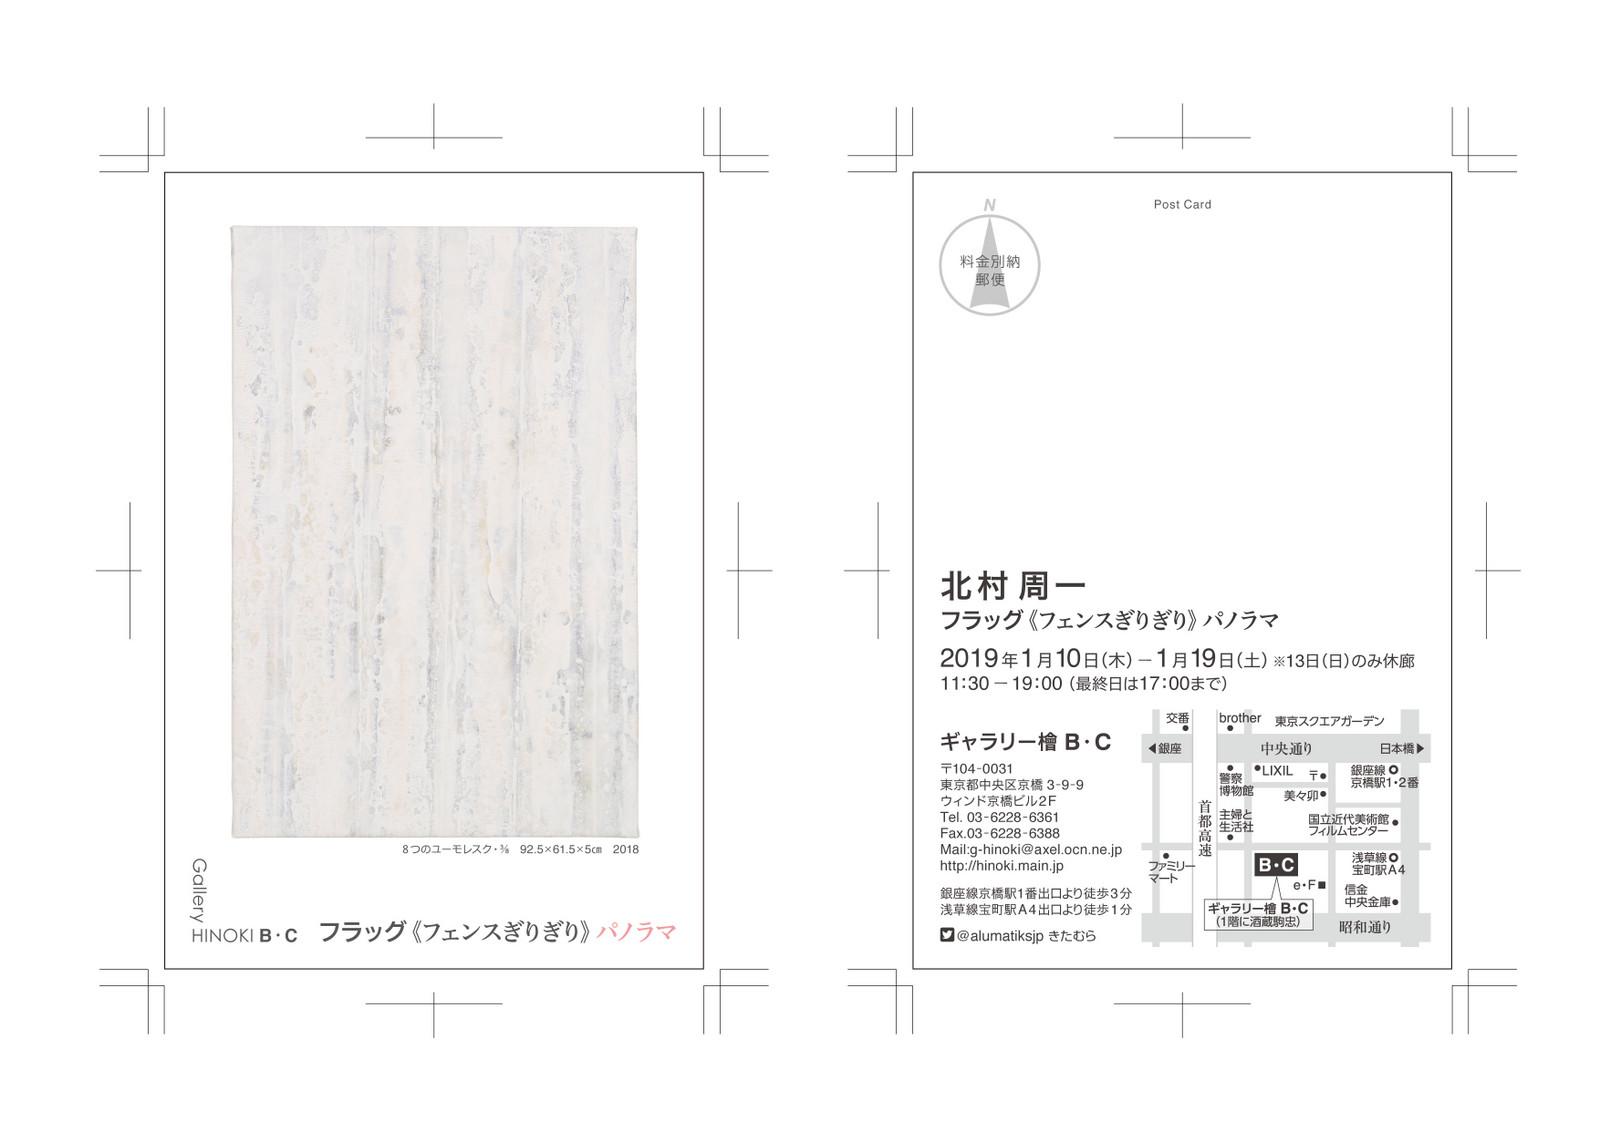 Kitamurashuichiten201902_2